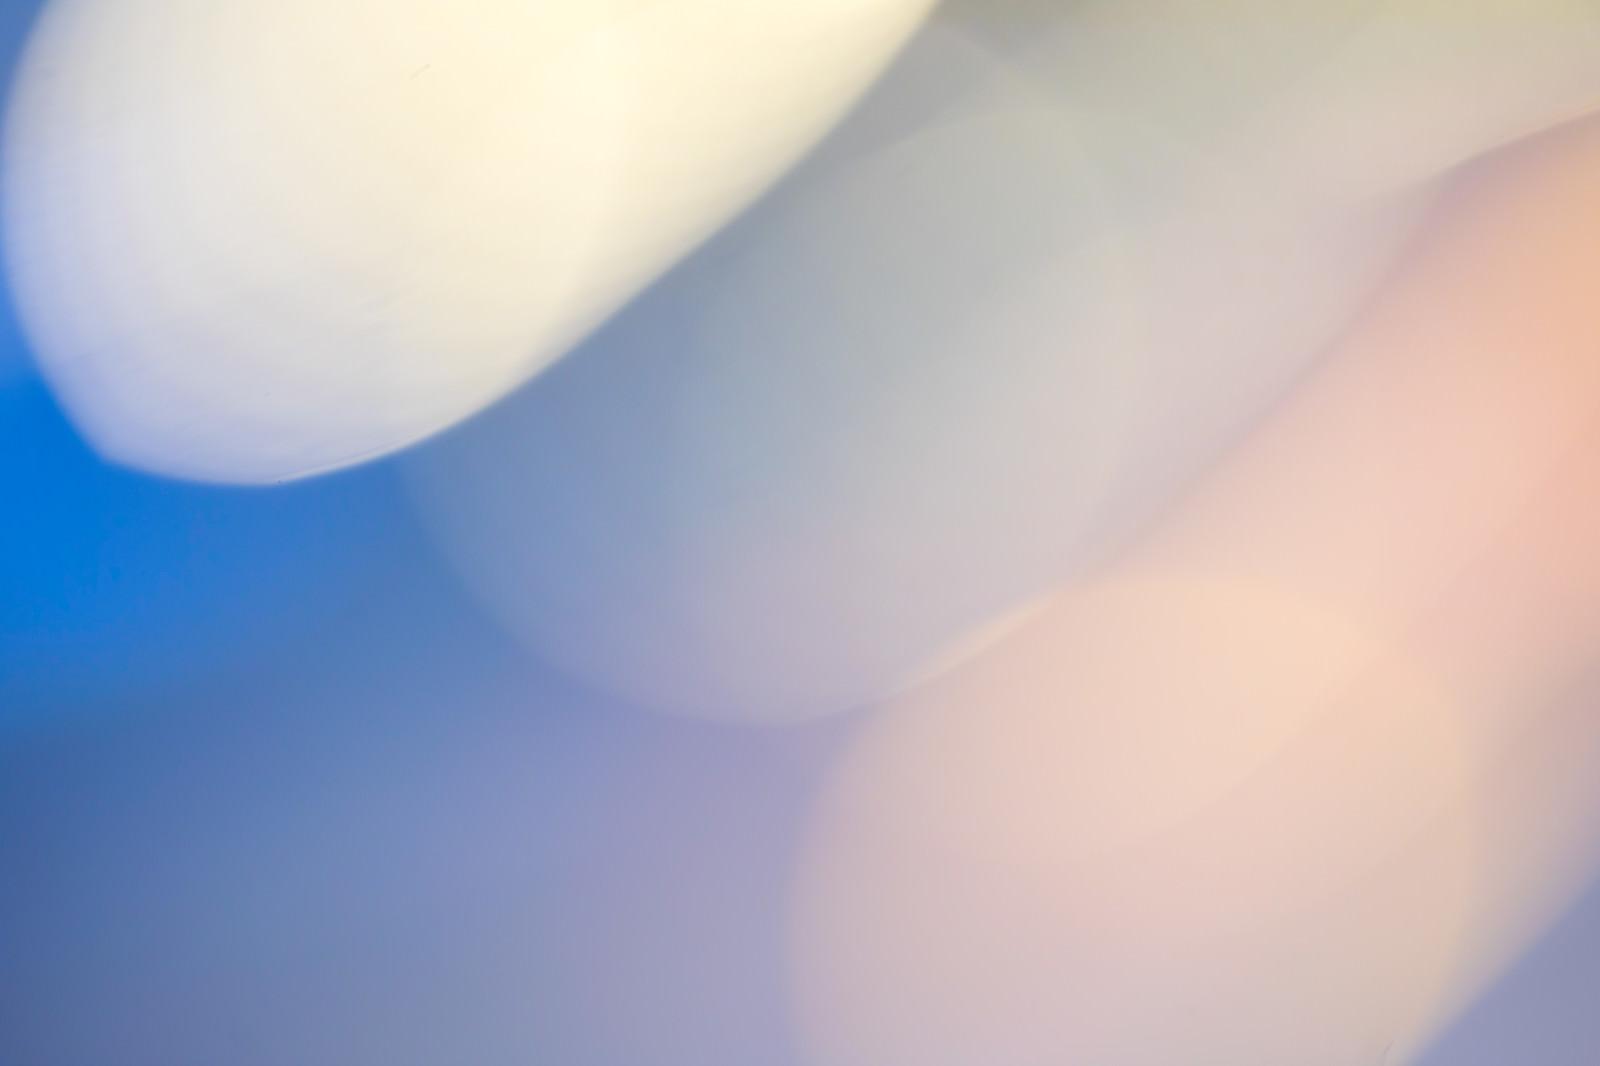 「横切る光」の写真